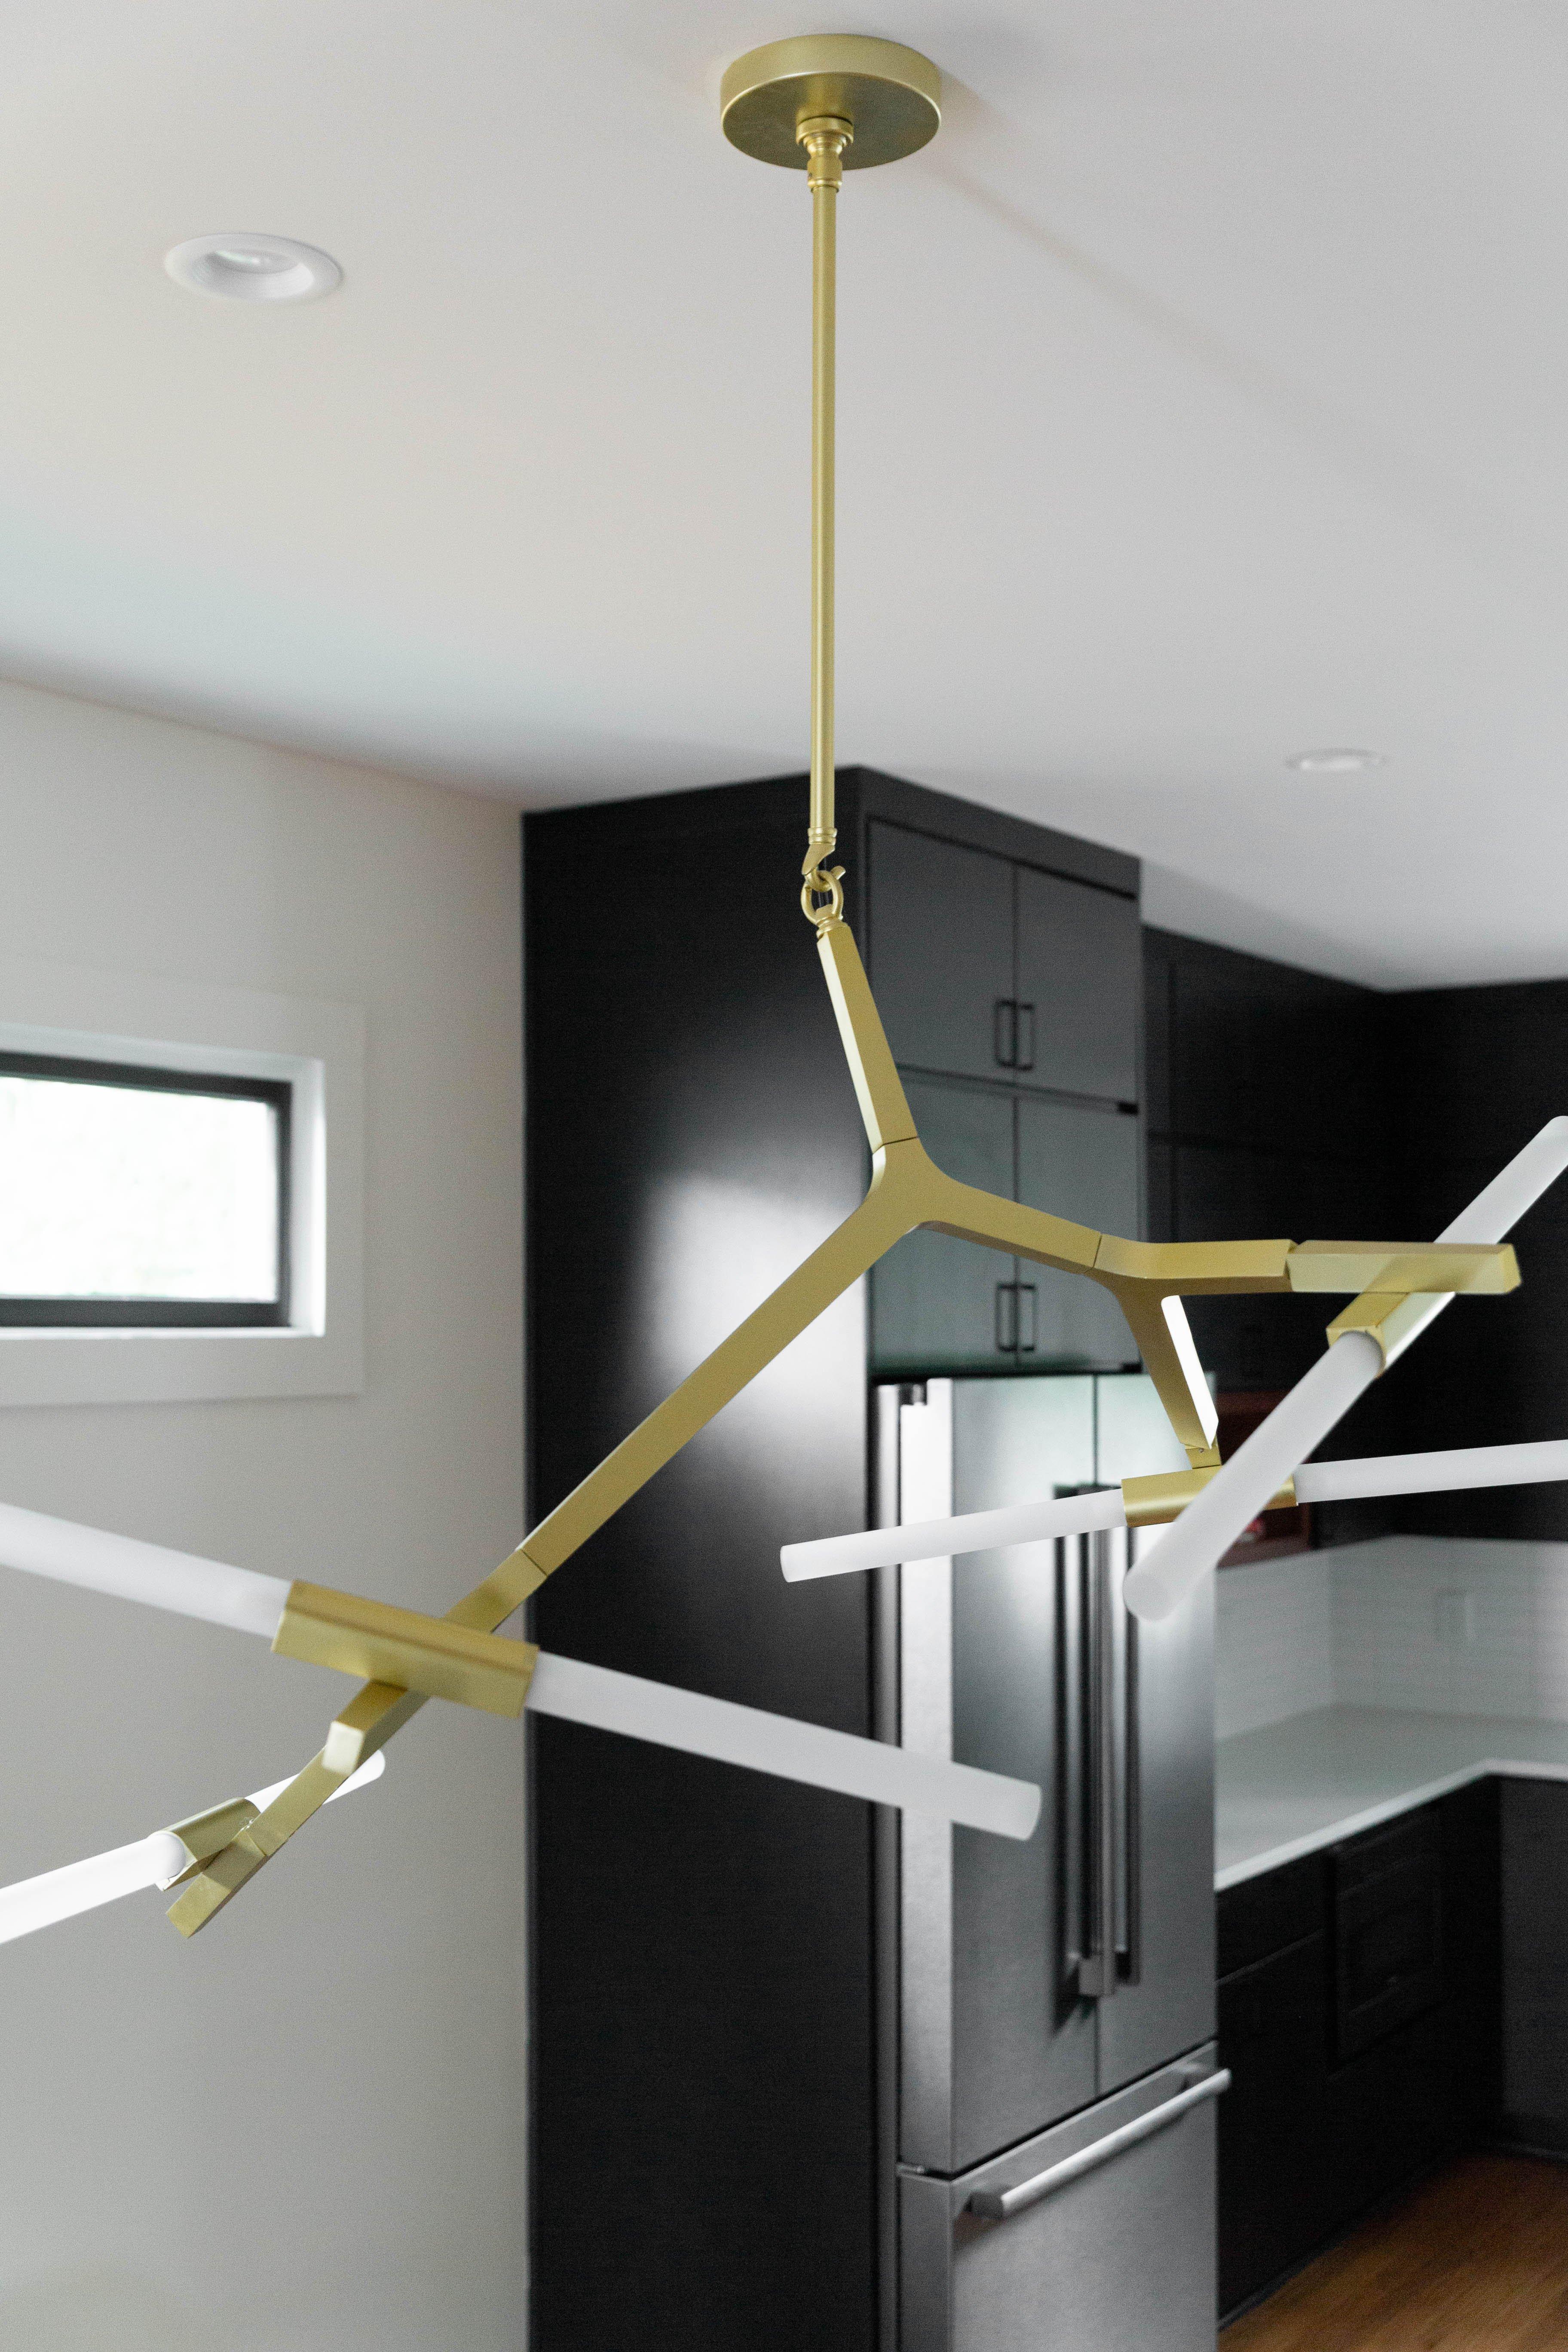 11 kitchen light 20210707-IMG_8385.jpg